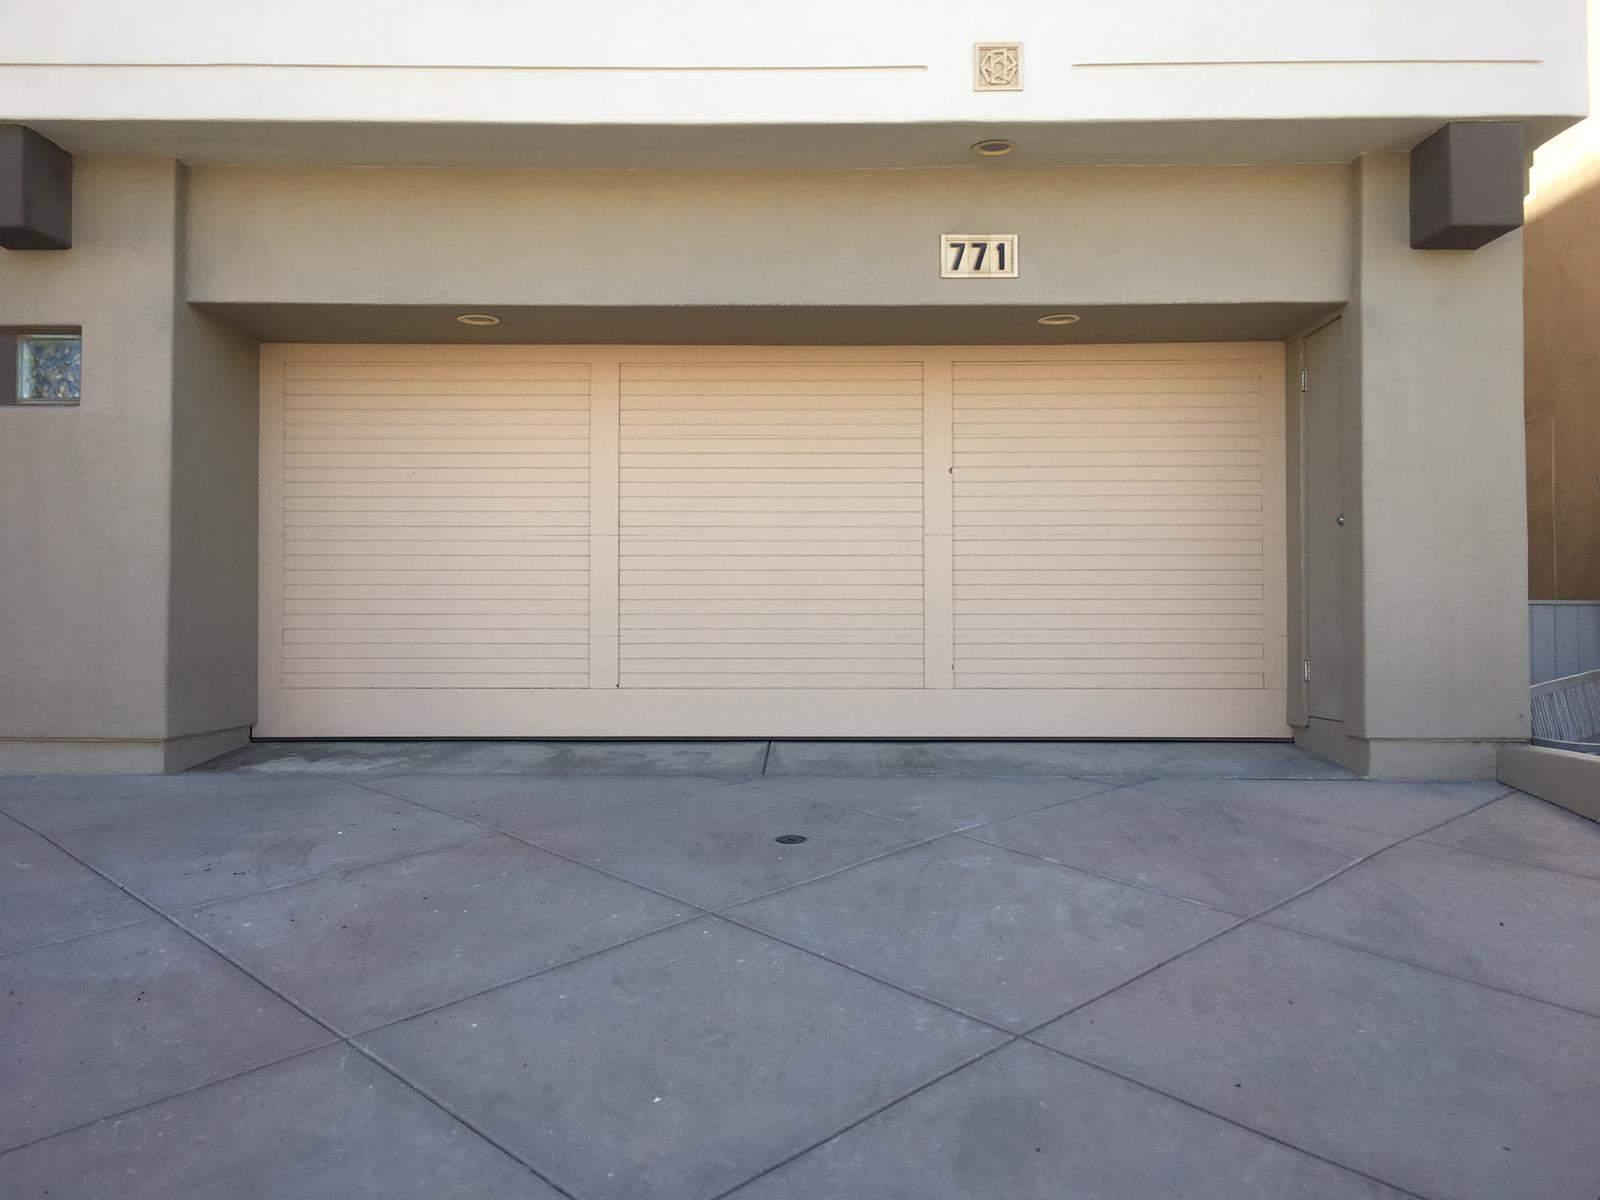 La Verne CA Garage Door Repair & Replacement